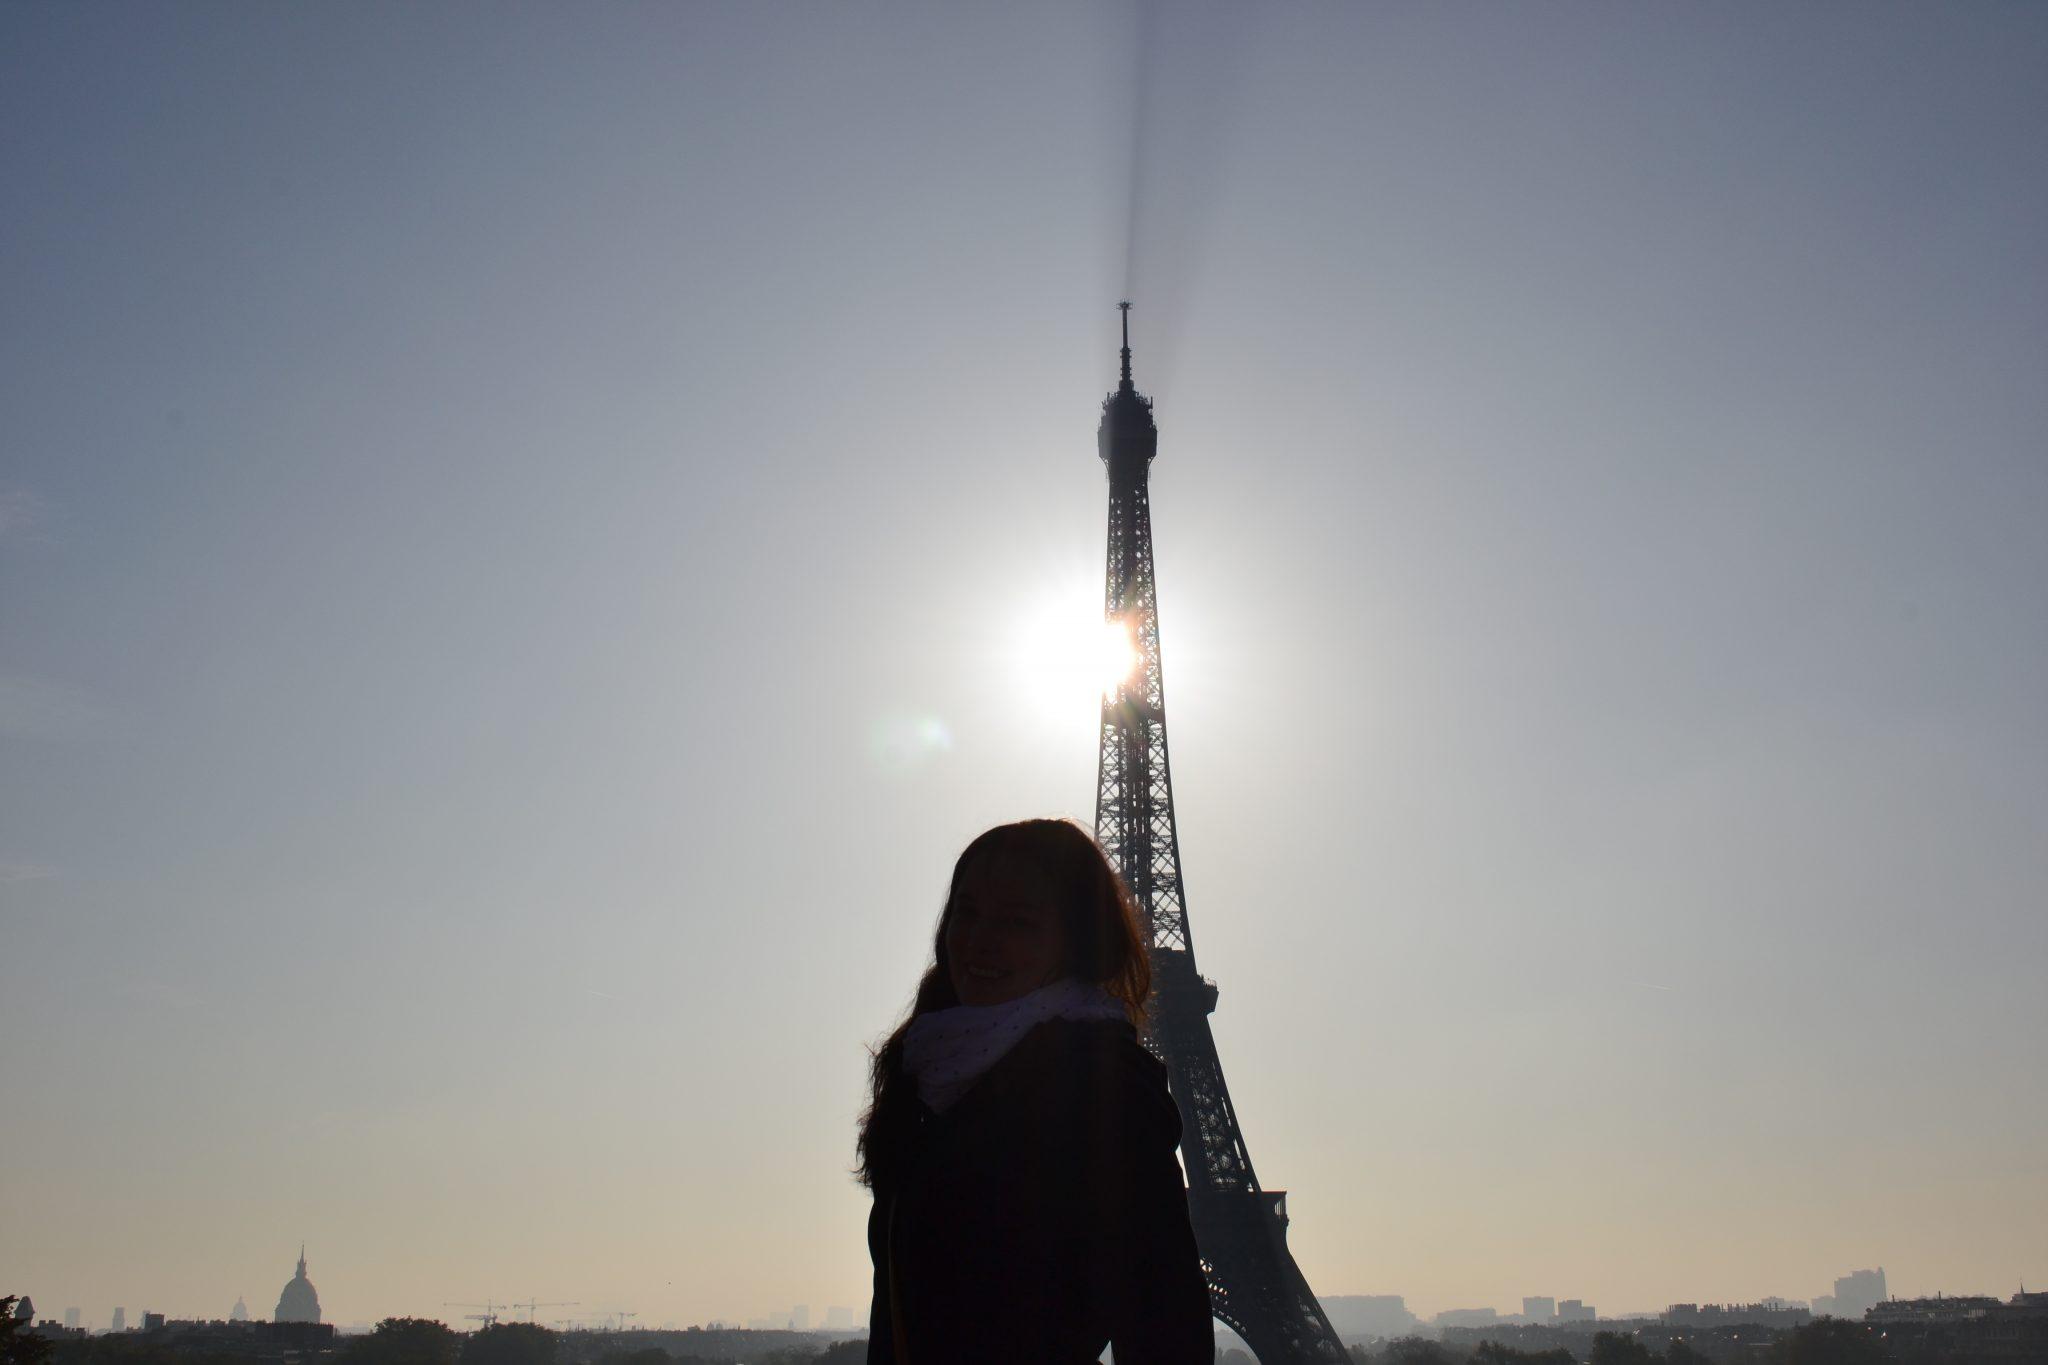 Semester abroad #17: 10 Dinge, die ich gelernt habe - DSC 0300